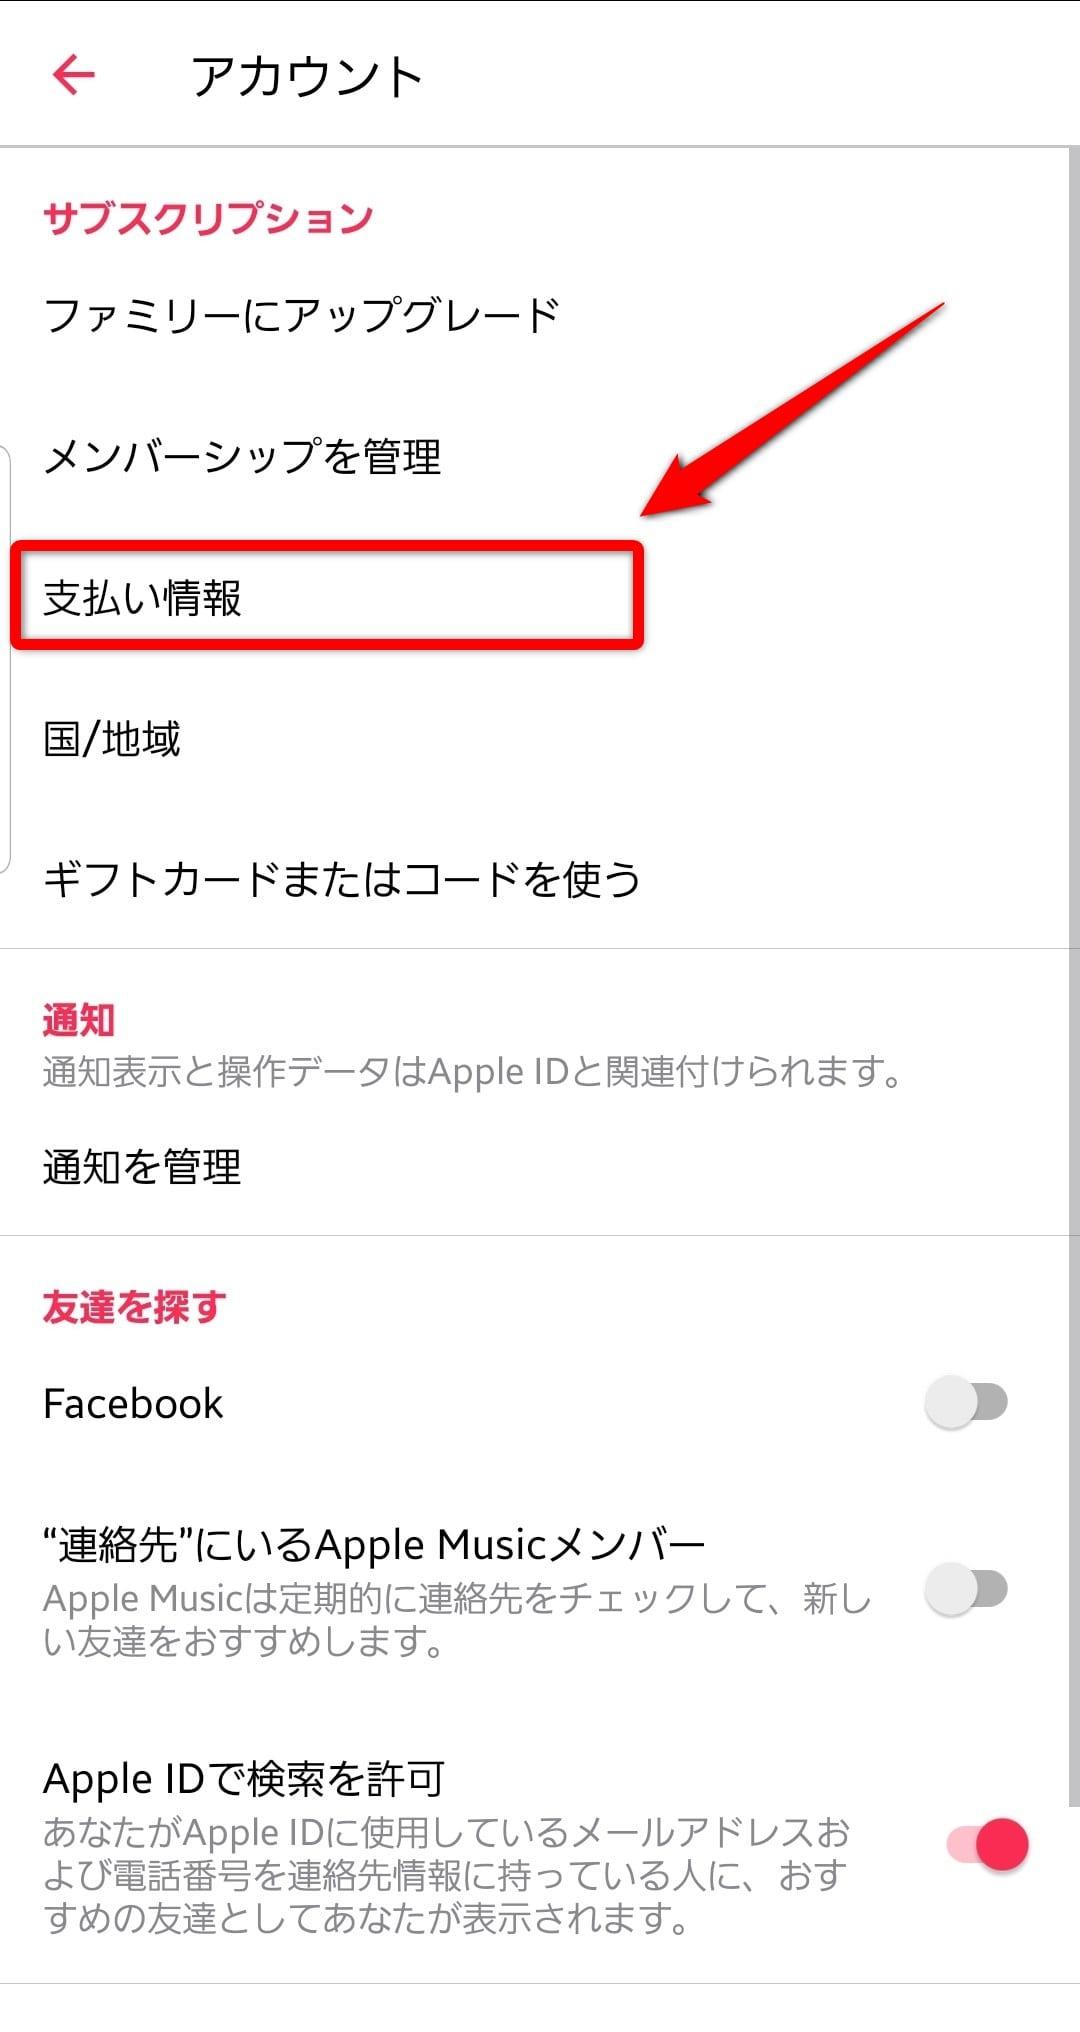 Apple Musicの支払い方法を変更、追加する手順とは?どんな支払い方がある?